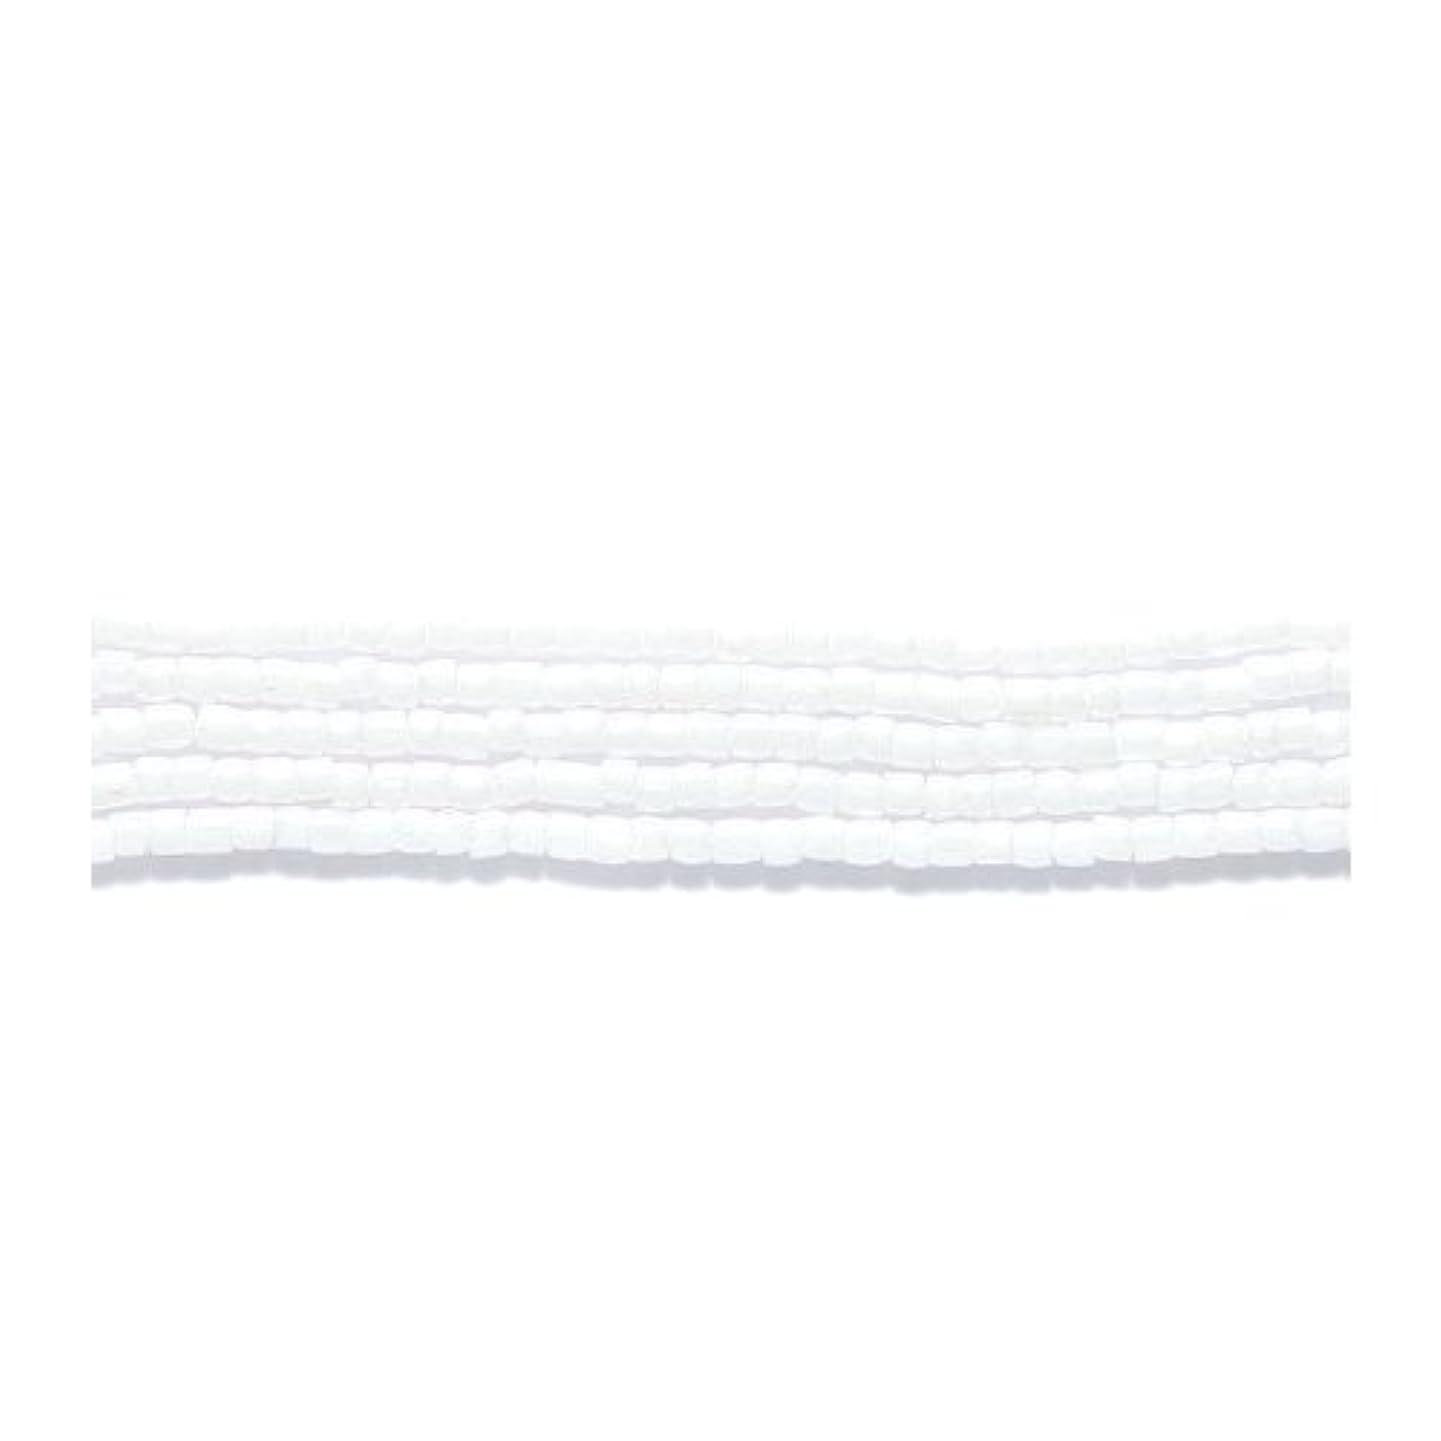 Preciosa Ornela Czech 3-Cut Style Seed Glass Bead, Size 9/0, Luster Opaque White ofzckzcvoagi